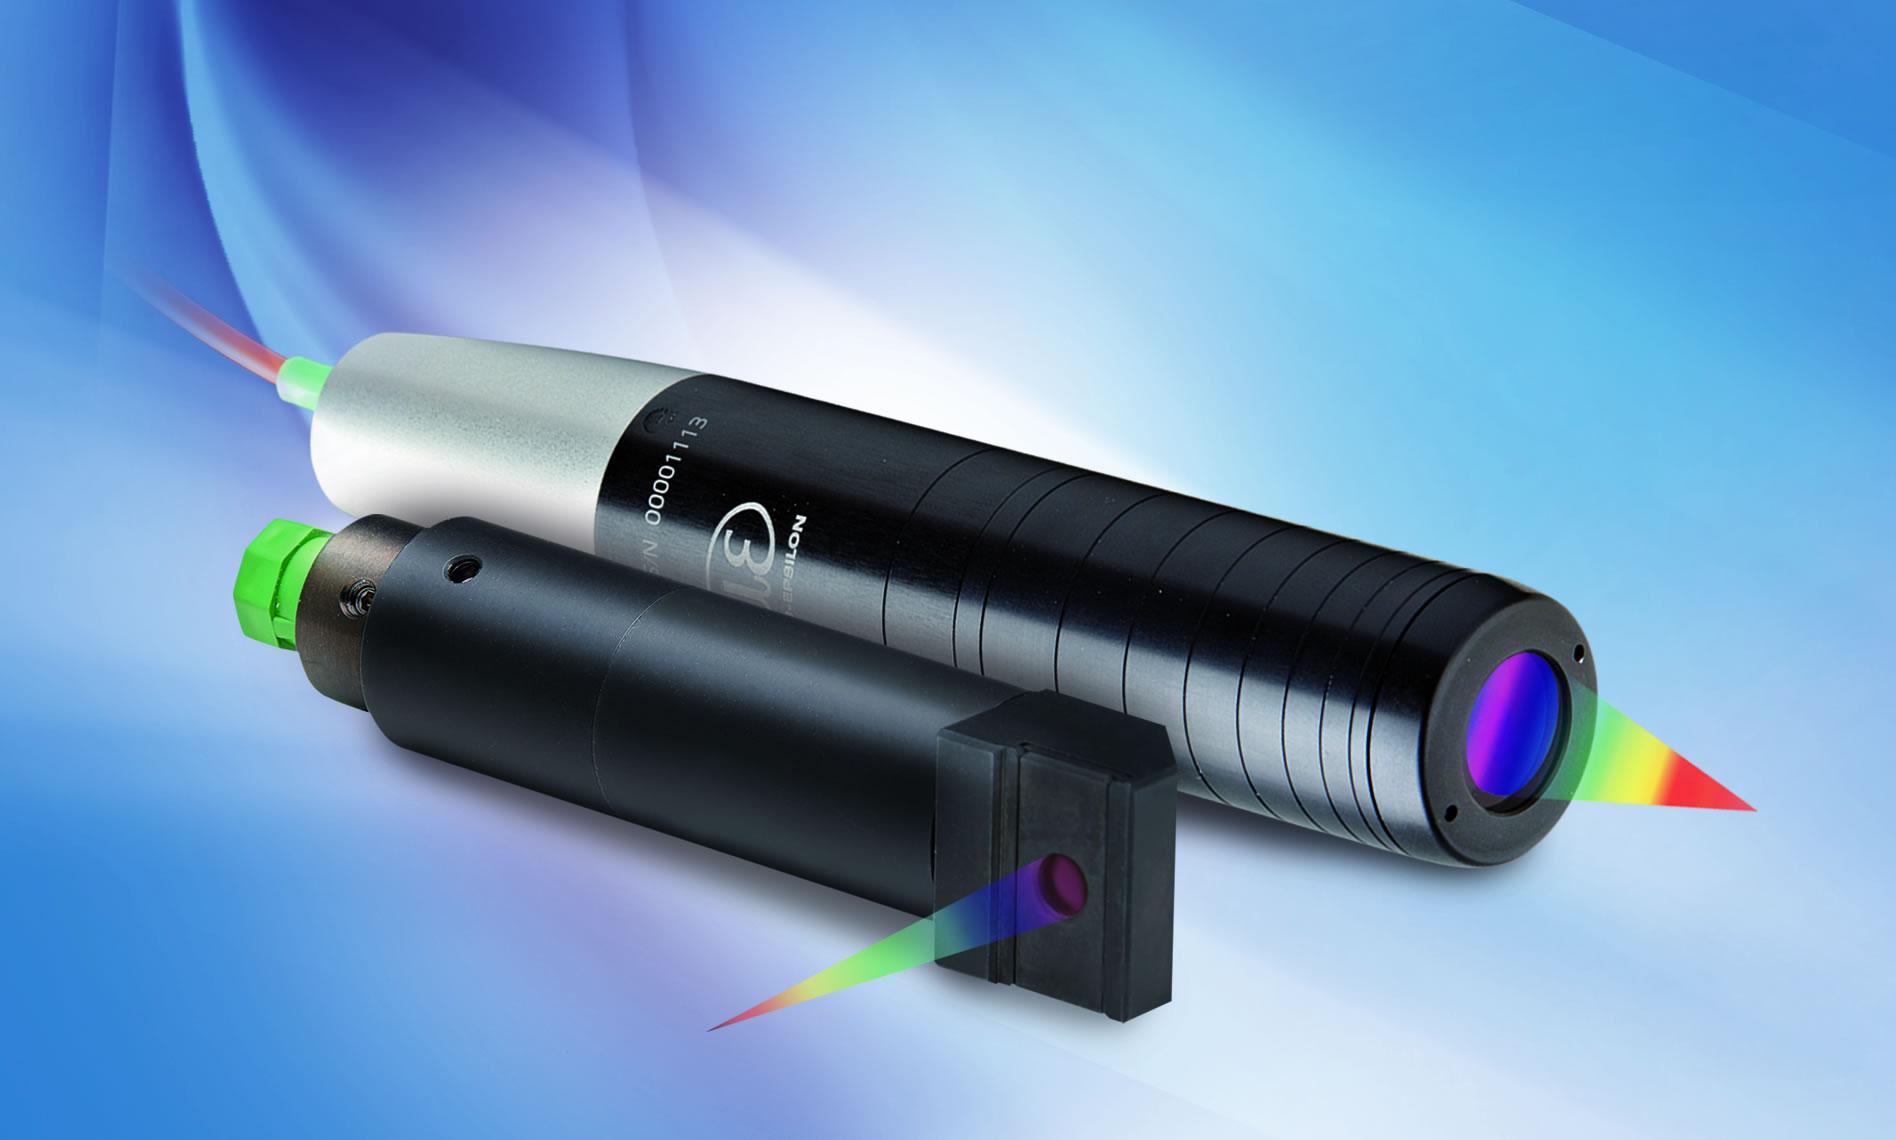 Compact confocal sensors